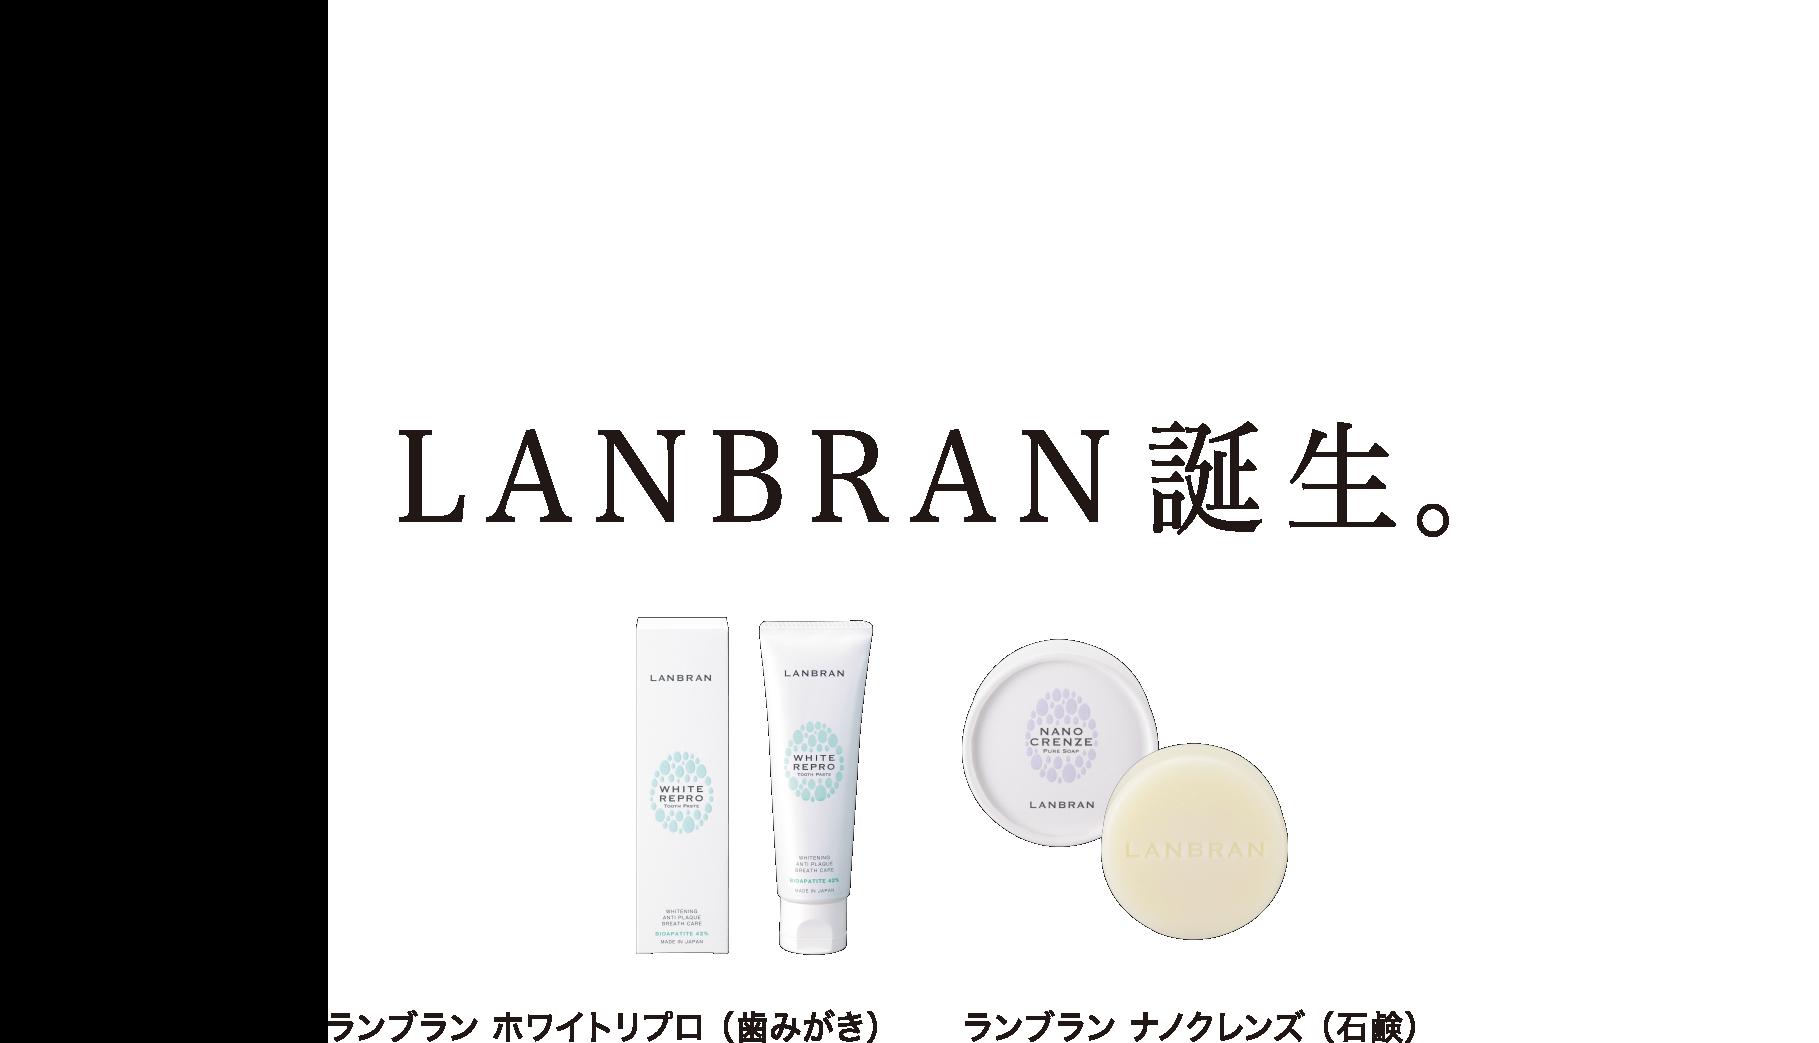 LANBRAN 吸着して「落とす」新成分 卵殻由来バイオアパタイト®高配合